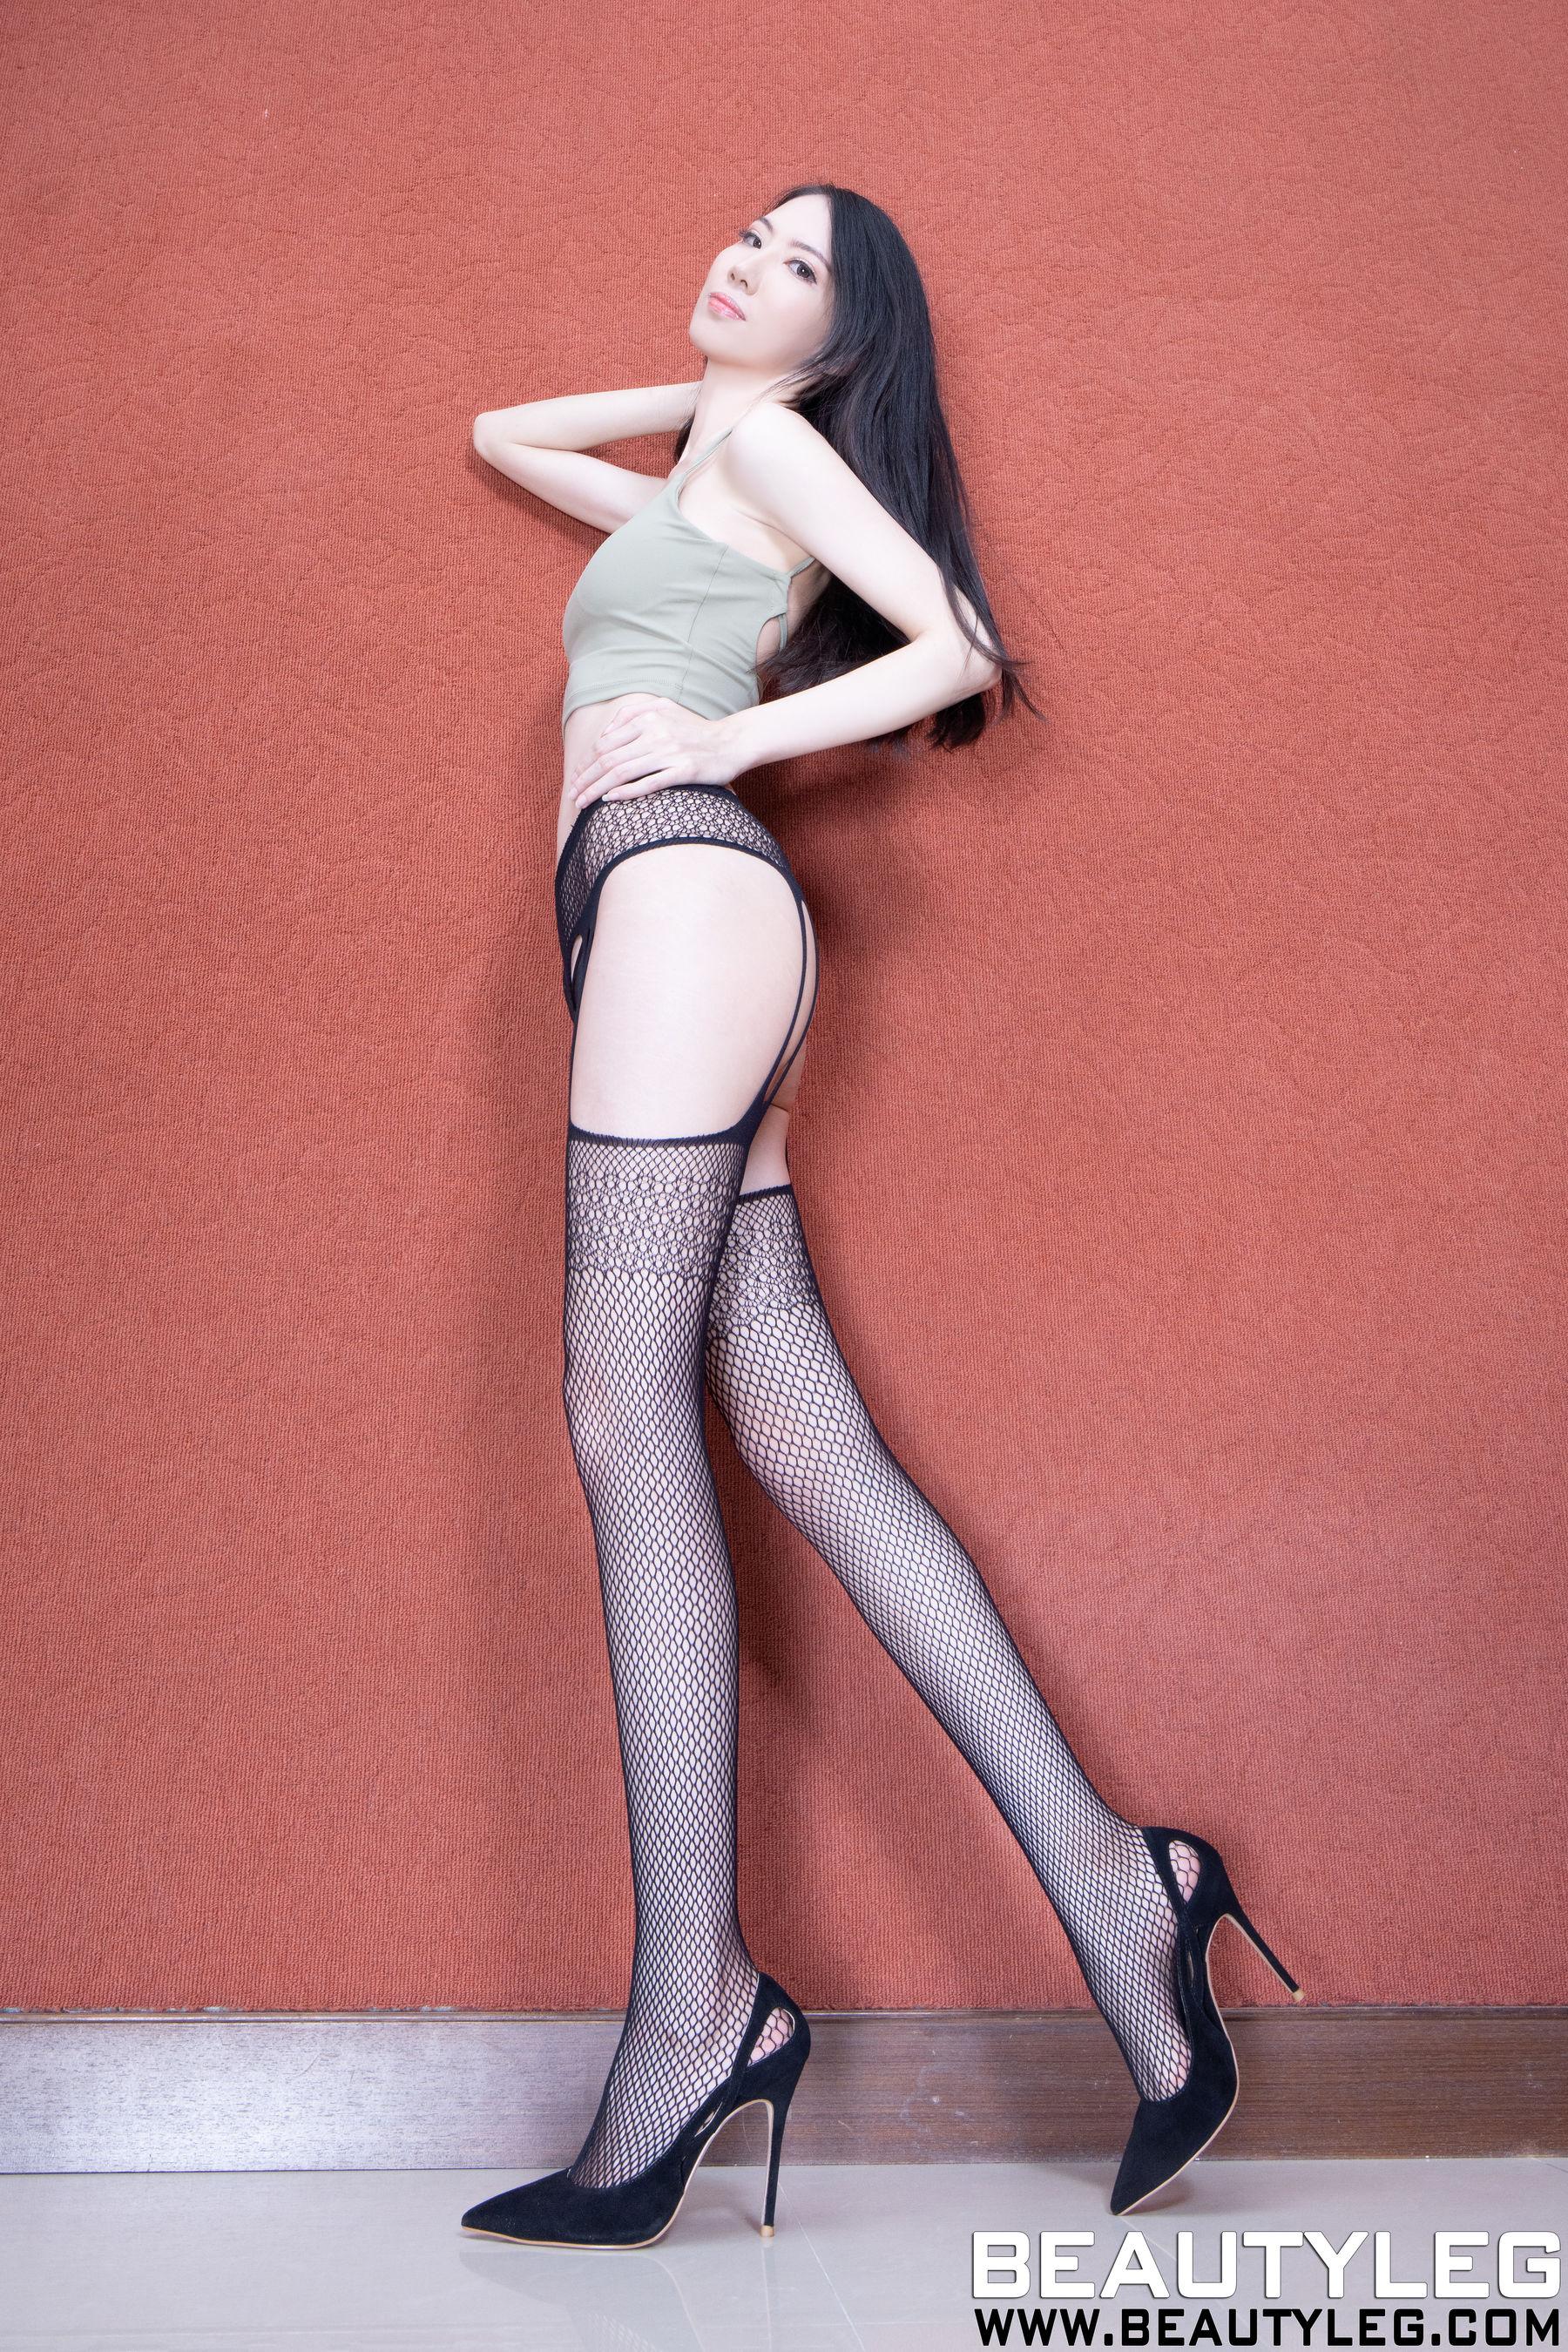 VOL.612 [Beautyleg]情趣丝袜:童采萱(Beautyleg Yoyo,腿模Yoyo)超高清个人性感漂亮大图(34P)